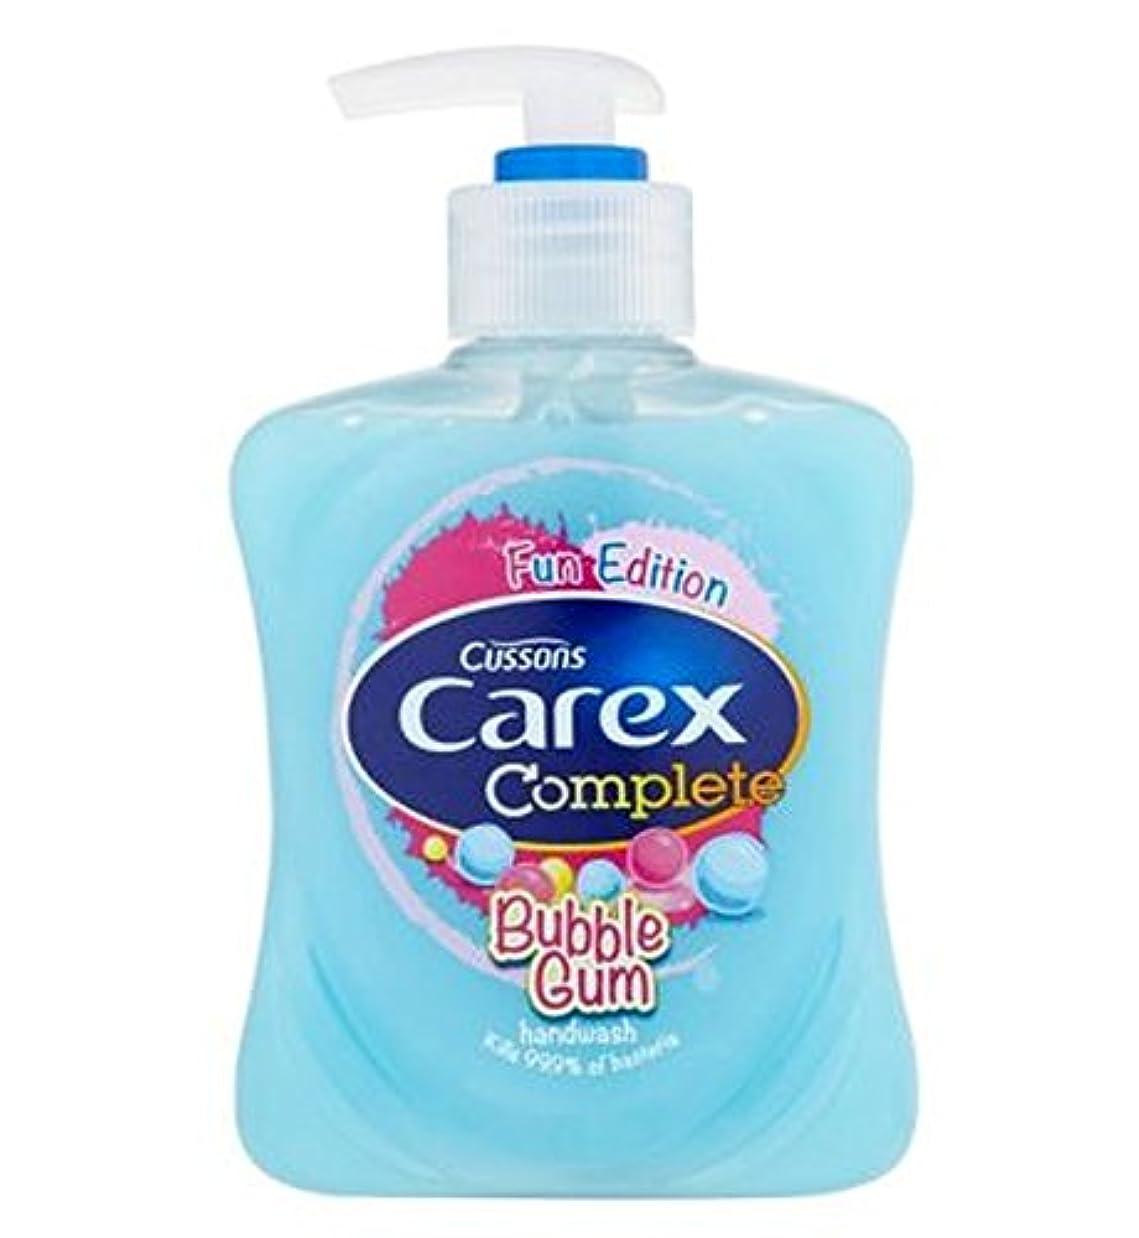 兵隊野心厚くするスゲ属楽しいバブルガムハンドウォッシュ250ミリリットル (Carex) (x2) - Carex Fun Bubble Gum Hand Wash 250ml (Pack of 2) [並行輸入品]